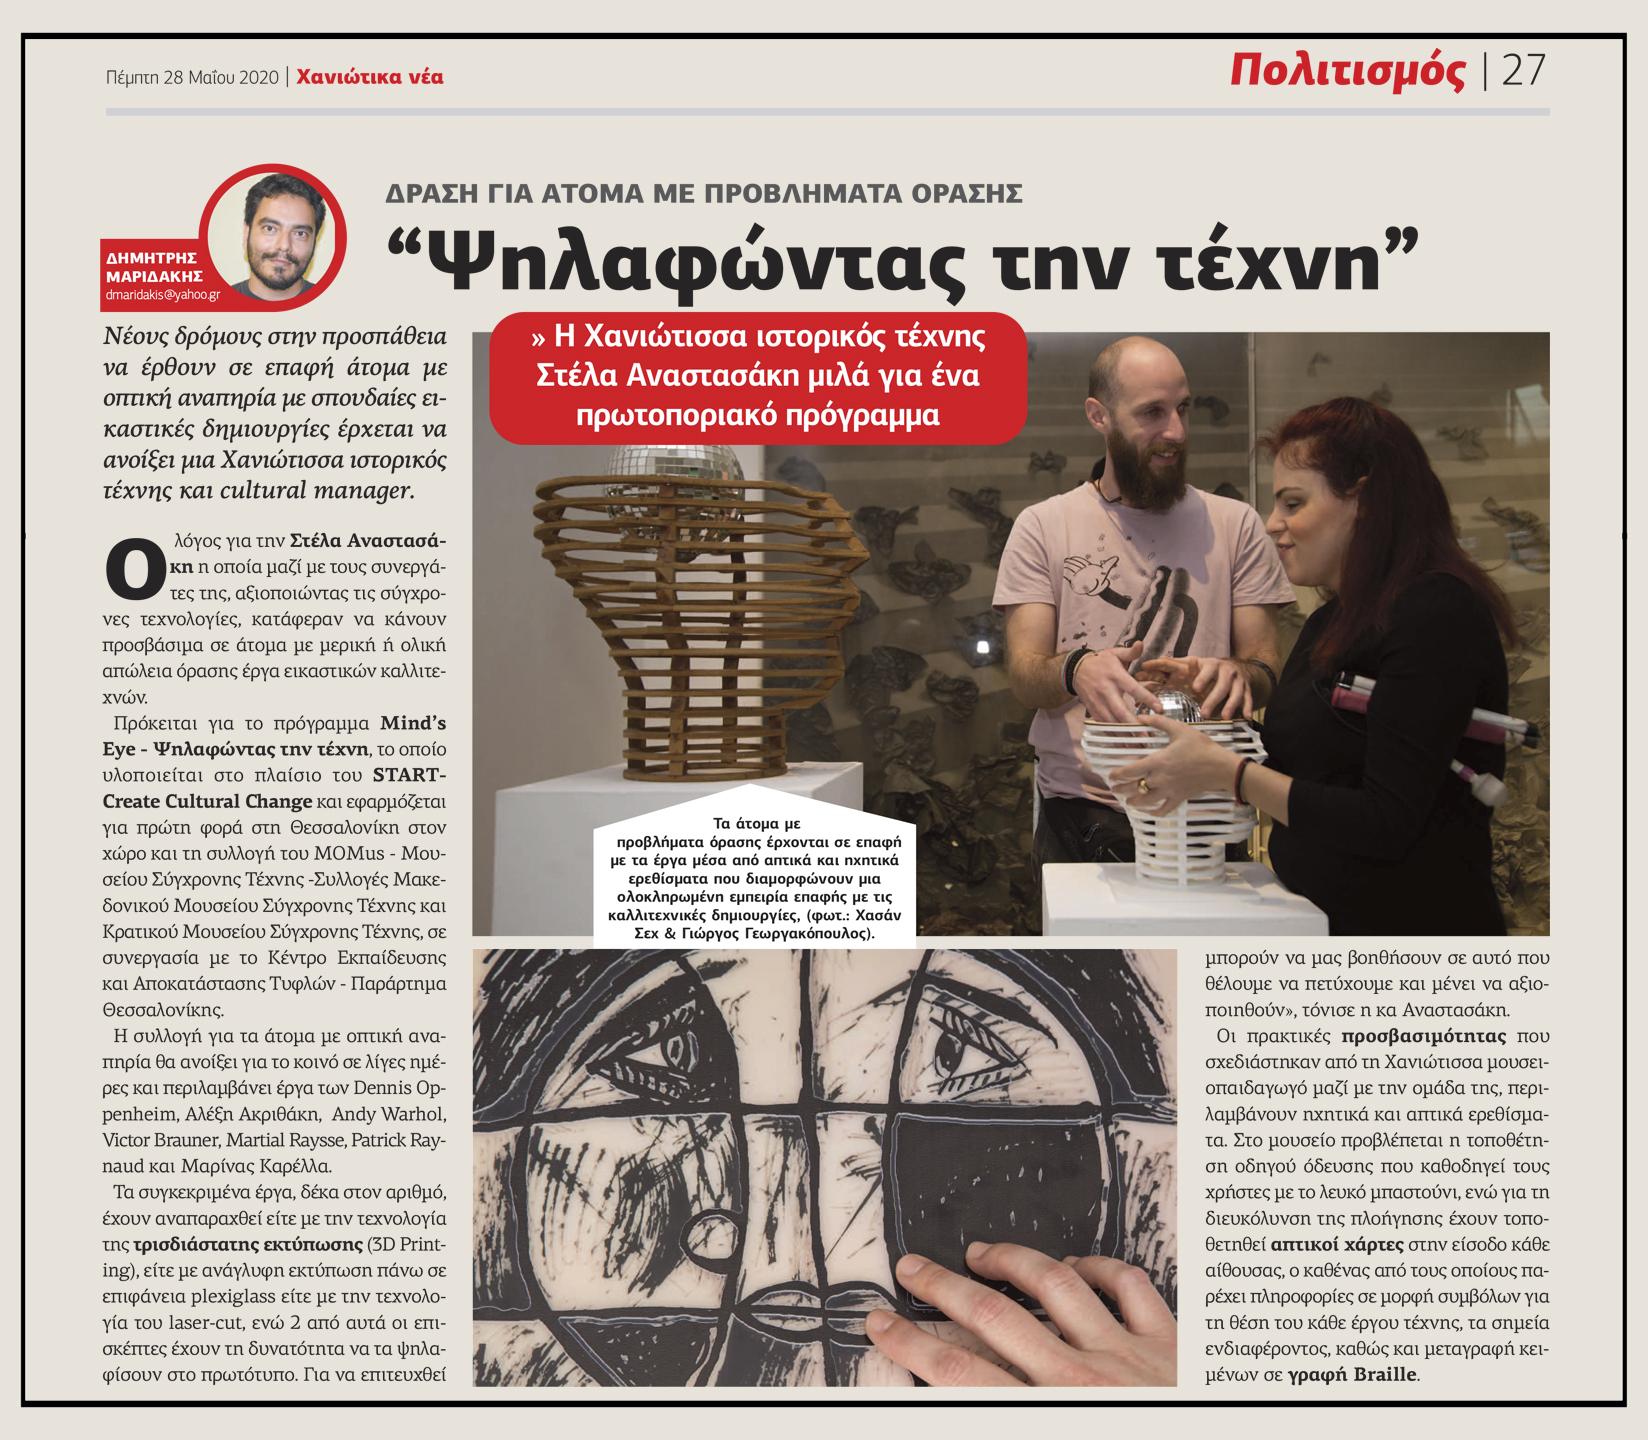 """Εικόνα από το δημοσίευμα στην εφημερίδα """"Χανιώτικα Νέα"""" από το δημοσιογράφο Δημήτρη Μαριδάκη, που δημοσιεύτηκε στις 28 Μαΐου 2020. Στην εικόνα εμφανίζεται ο Θανάσης Σιδέρης με τη Φανή Τσικούρα να ψηλαφούν το αντίγραφο του έργου """"Εγκέφαλος"""" του καλλιτέχνη Ντέννις Όππενχαϊμ που ανήκει στη Συλλογή του MOMus Μουσείο Σύγχρονης Τέχνης. Ο Θανάσης Σιδέρης, ένας νεαρός άνδρας με ξανθή γενειάδα αγγίζει το αντίγραφο του έργου και στρέφεται δεξιά στη Φανή Τσικούρα χαμογελώντας. Η Φανή Τσικούρα, μια νεαρή γυναίκα κρατάει κάτω από το χέρι της στο ύψος της μασχάλης, διπλωμένο το λευκό μπαστούνι και με τα δύο της χέρια αγκαλιάζει το αντίγραφο του έργου τέχνης."""